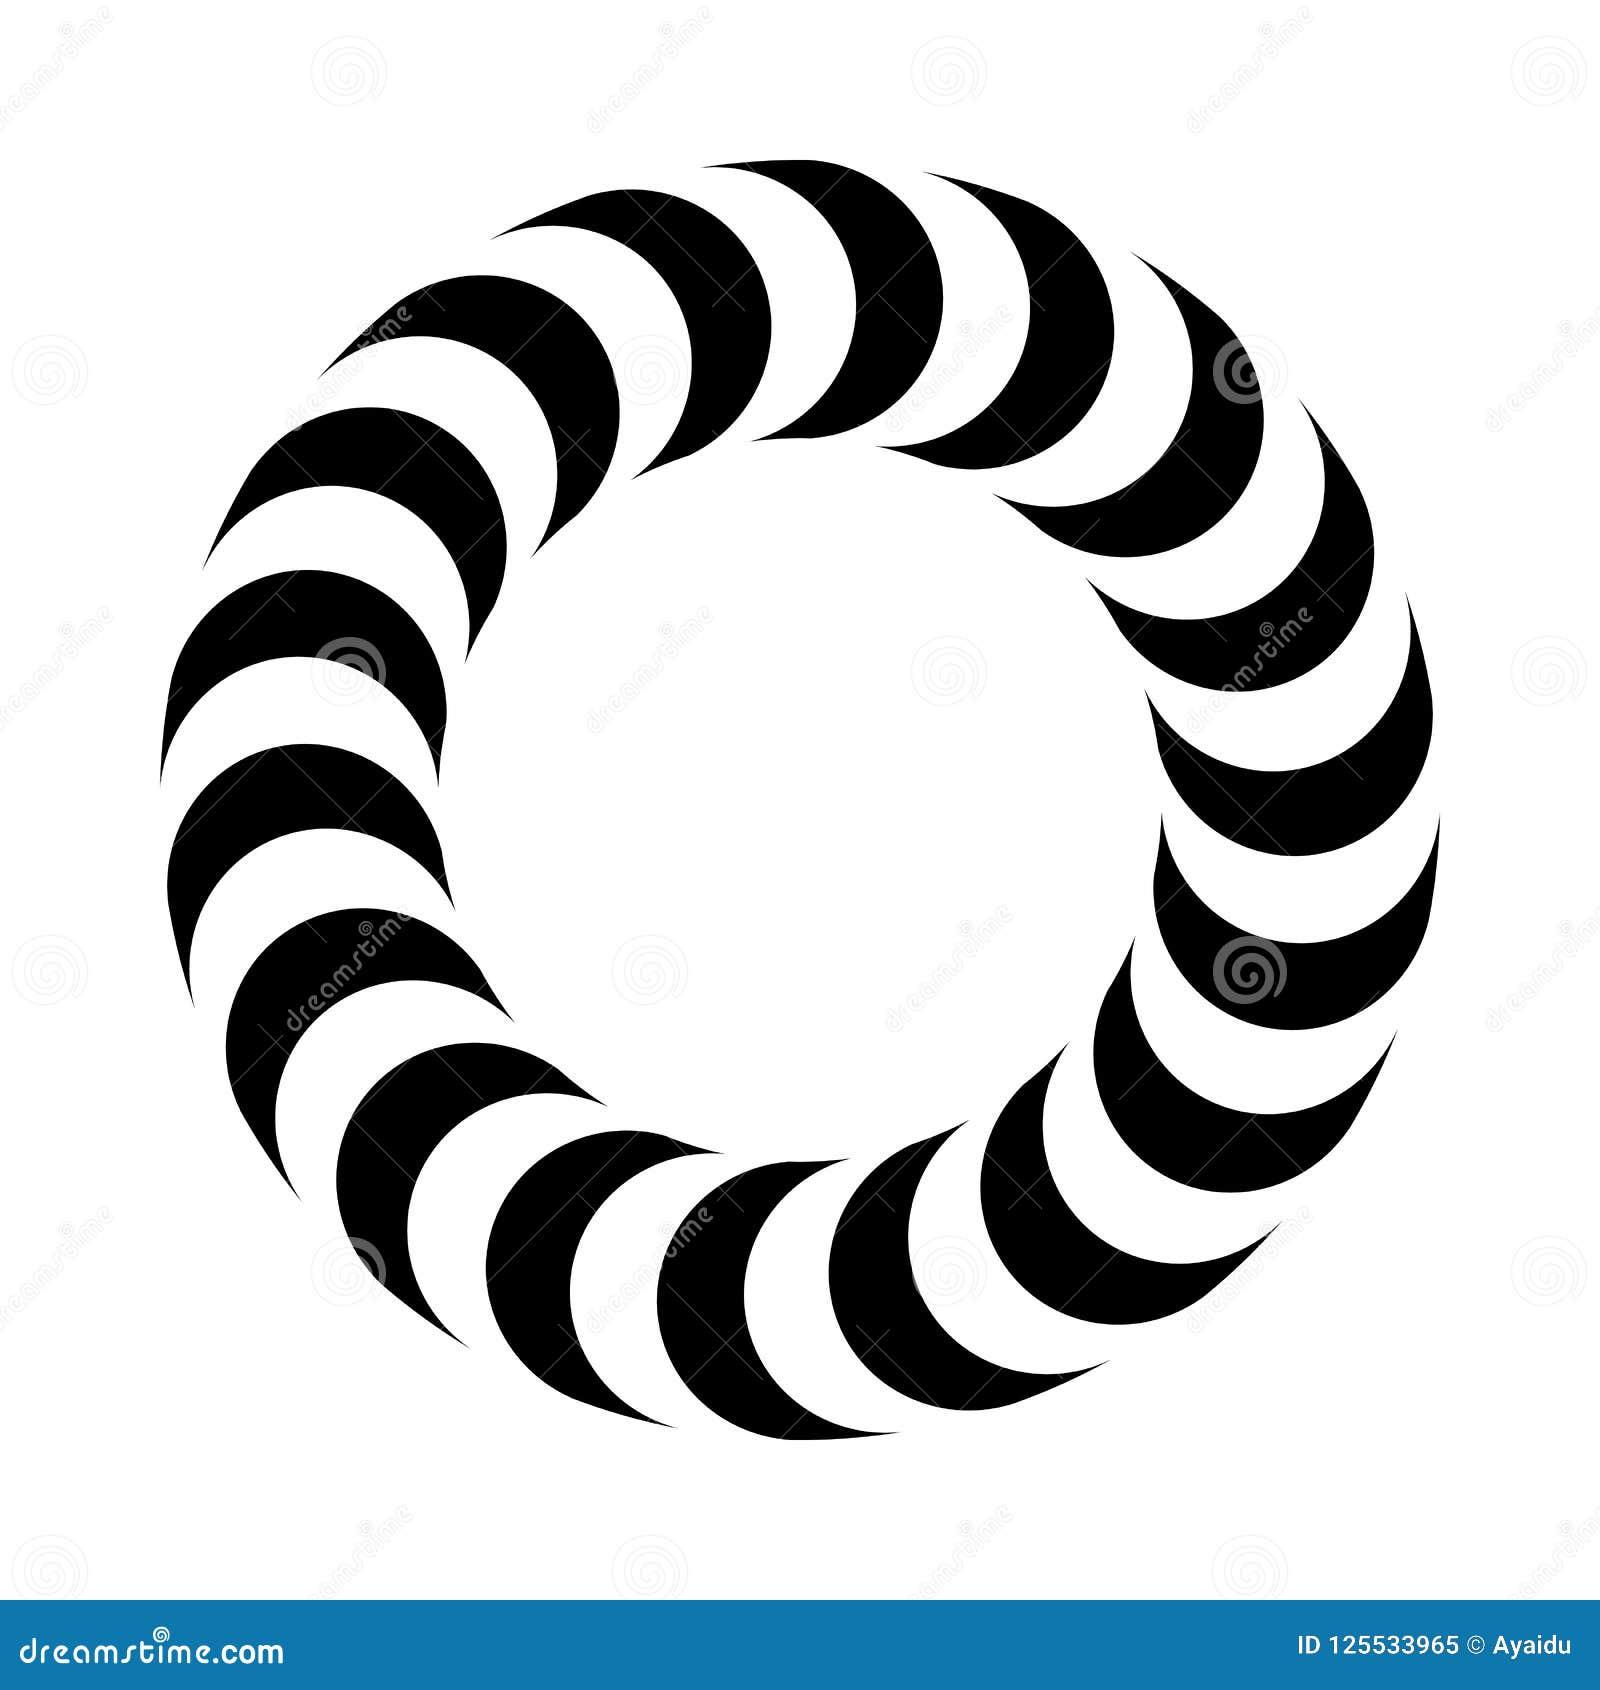 传染媒介圆环-容量错觉